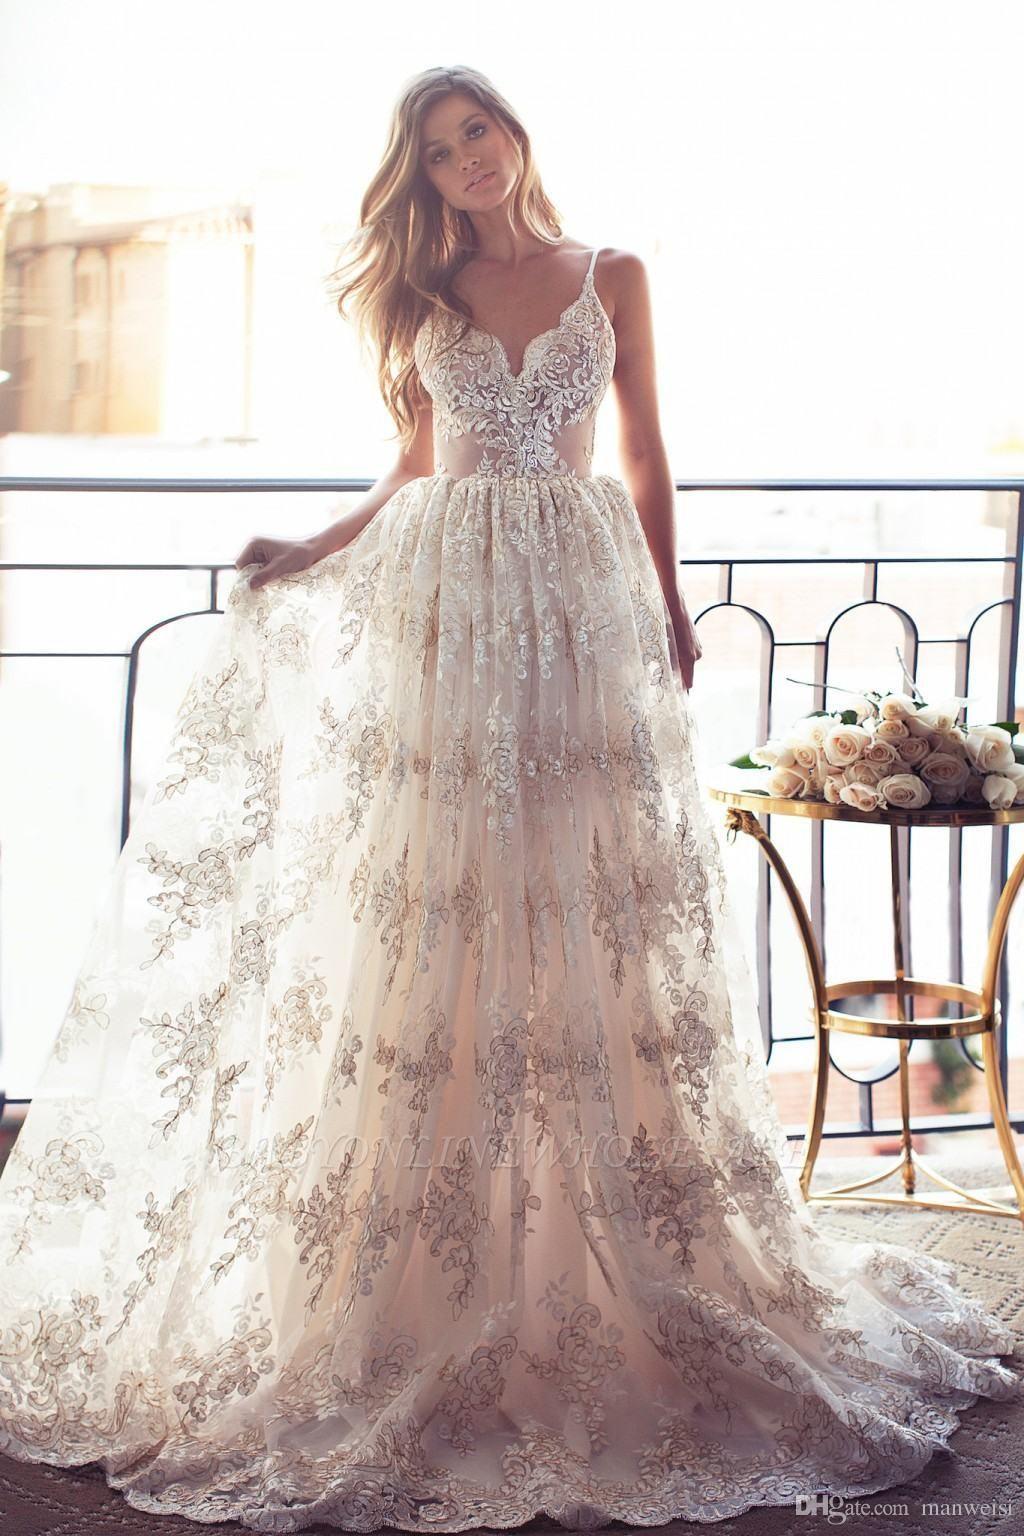 كامل الرباط عودة فتح فساتين الزفاف أثواب الزفاف مثير السباغيتي الأشرطة الصيف